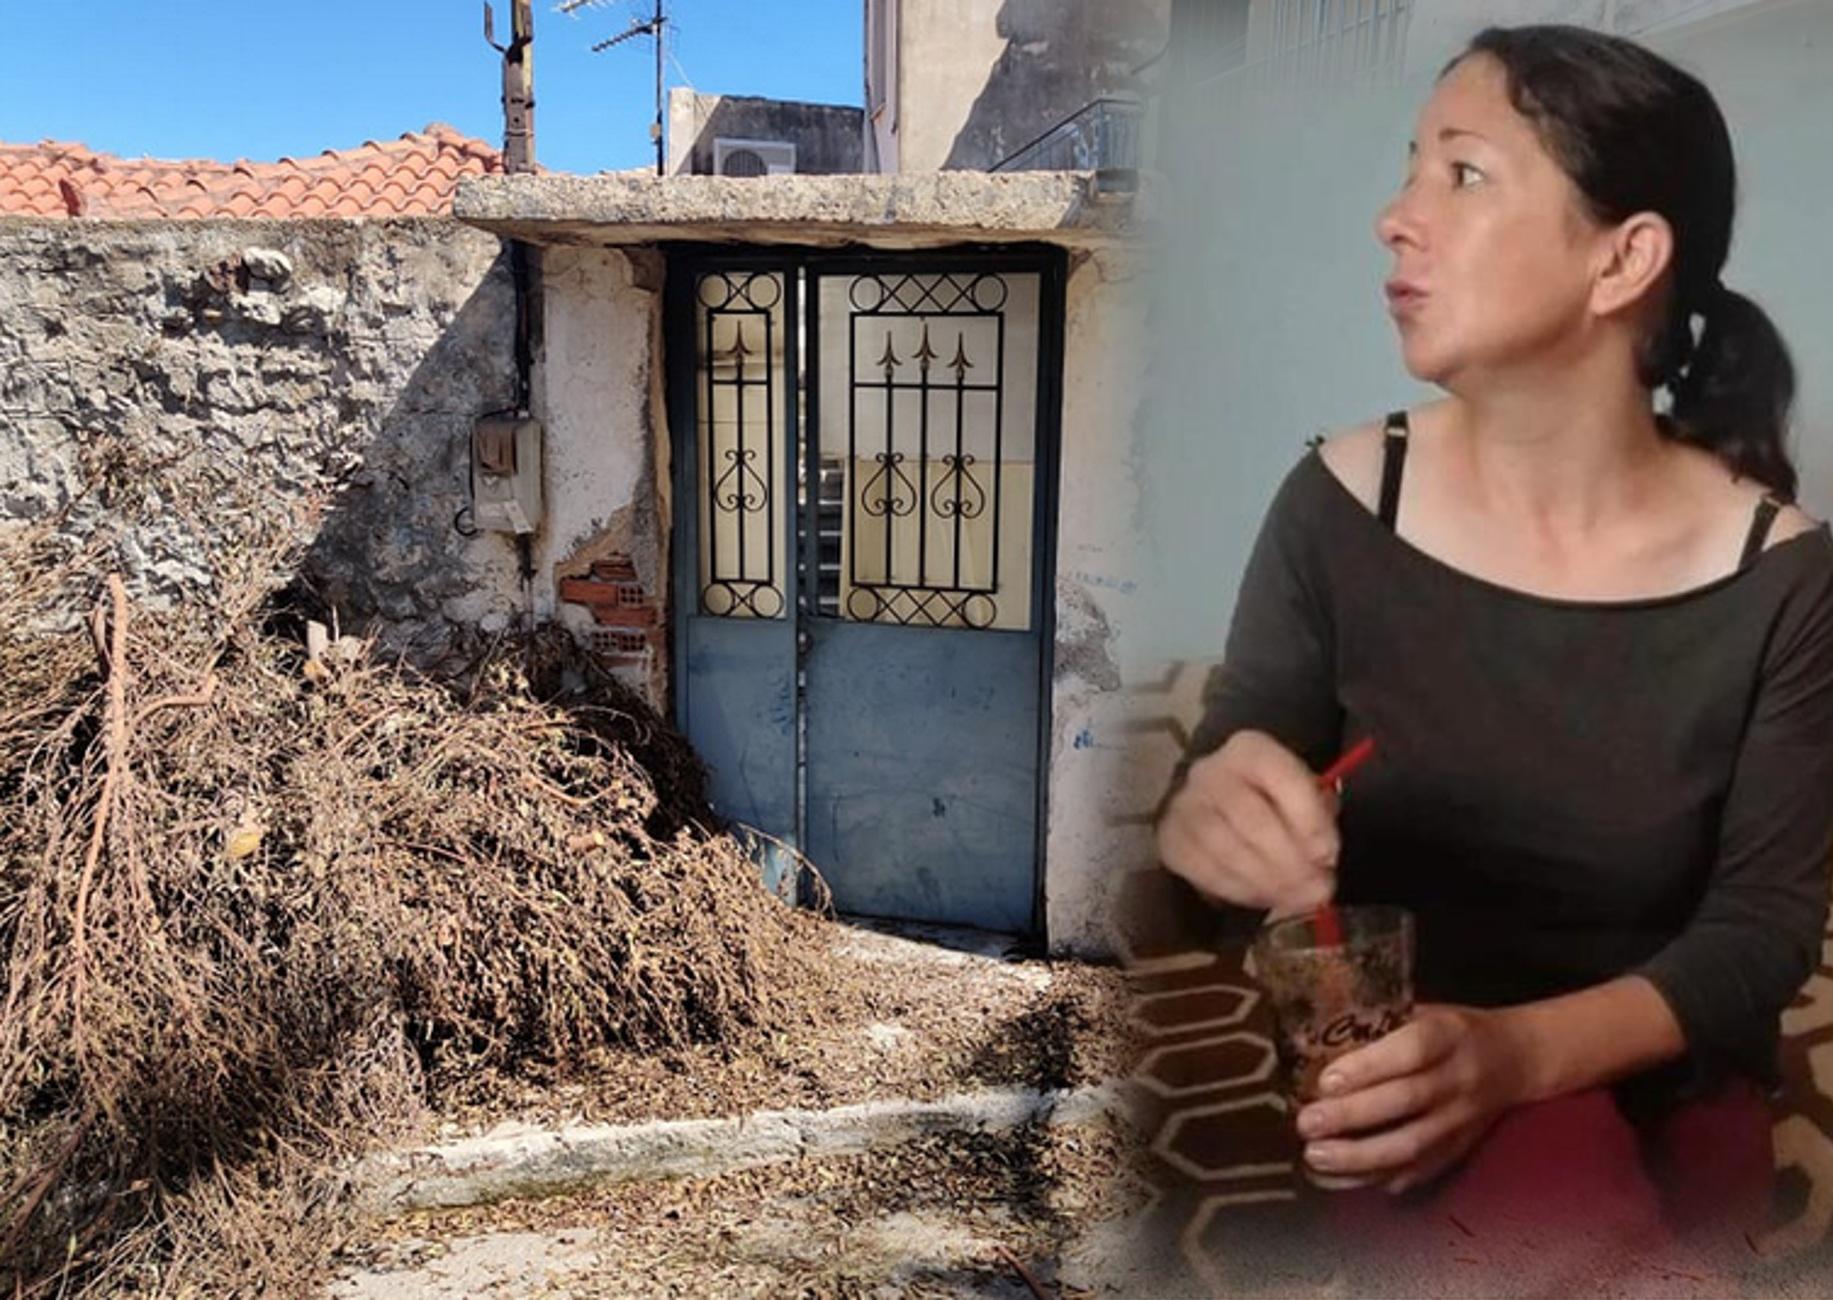 Κυπαρισσία: Πλάκωσαν στο ξύλο στις φυλακές τον Ρουμάνο κατηγορούμενο για τη δολοφονία της Μόνικα Γκιους